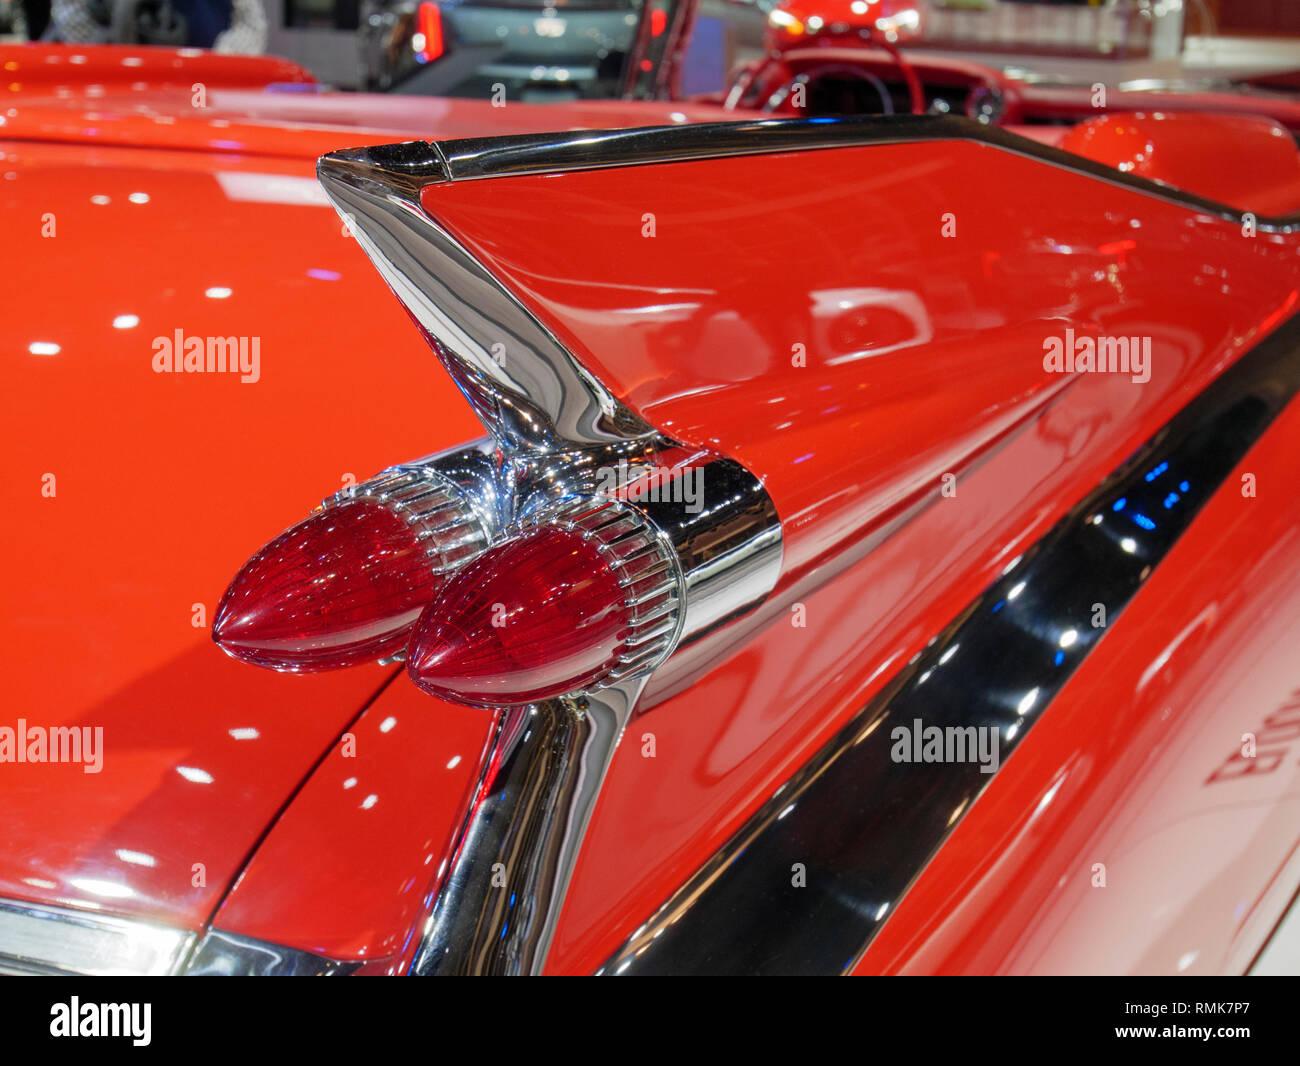 1959 Cadillac Eldorado Biarritz Cabrio Schwanzflosse und Rückleuchten. 2019 Chicago Auto Show. Stockfoto